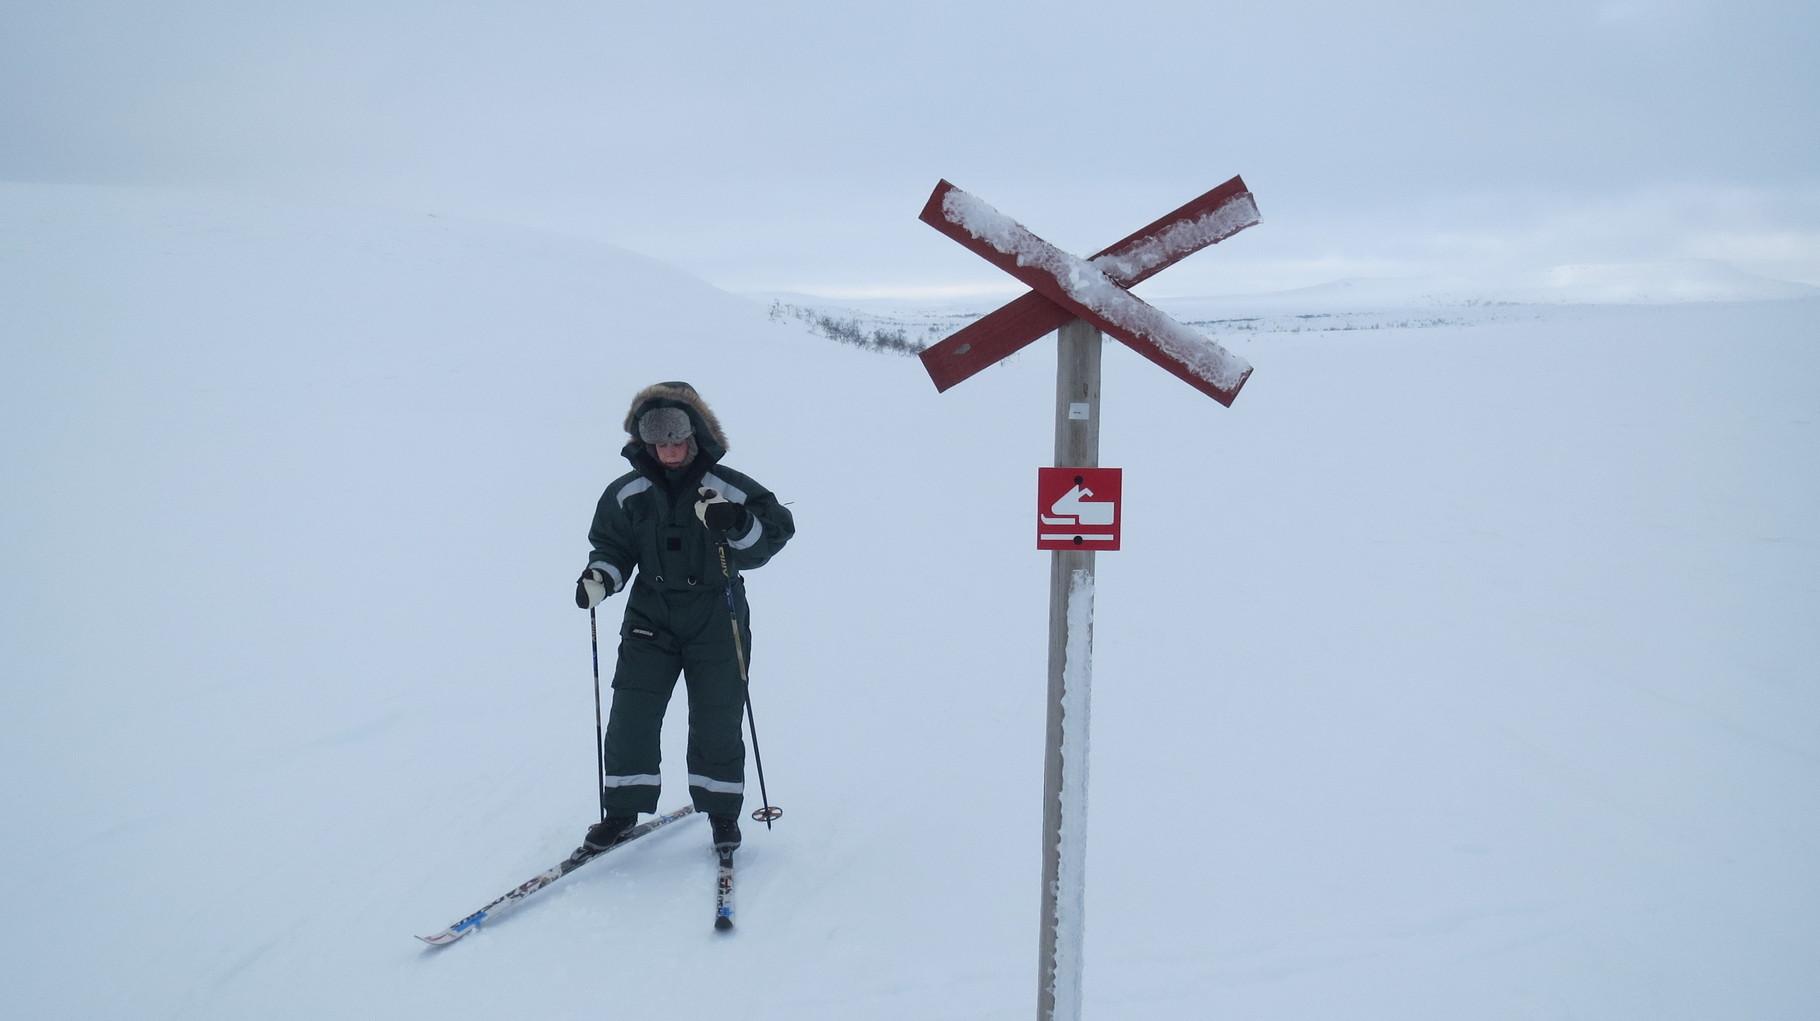 Mit einem Snowscooter wäre man auch nur geringfügig schneller!